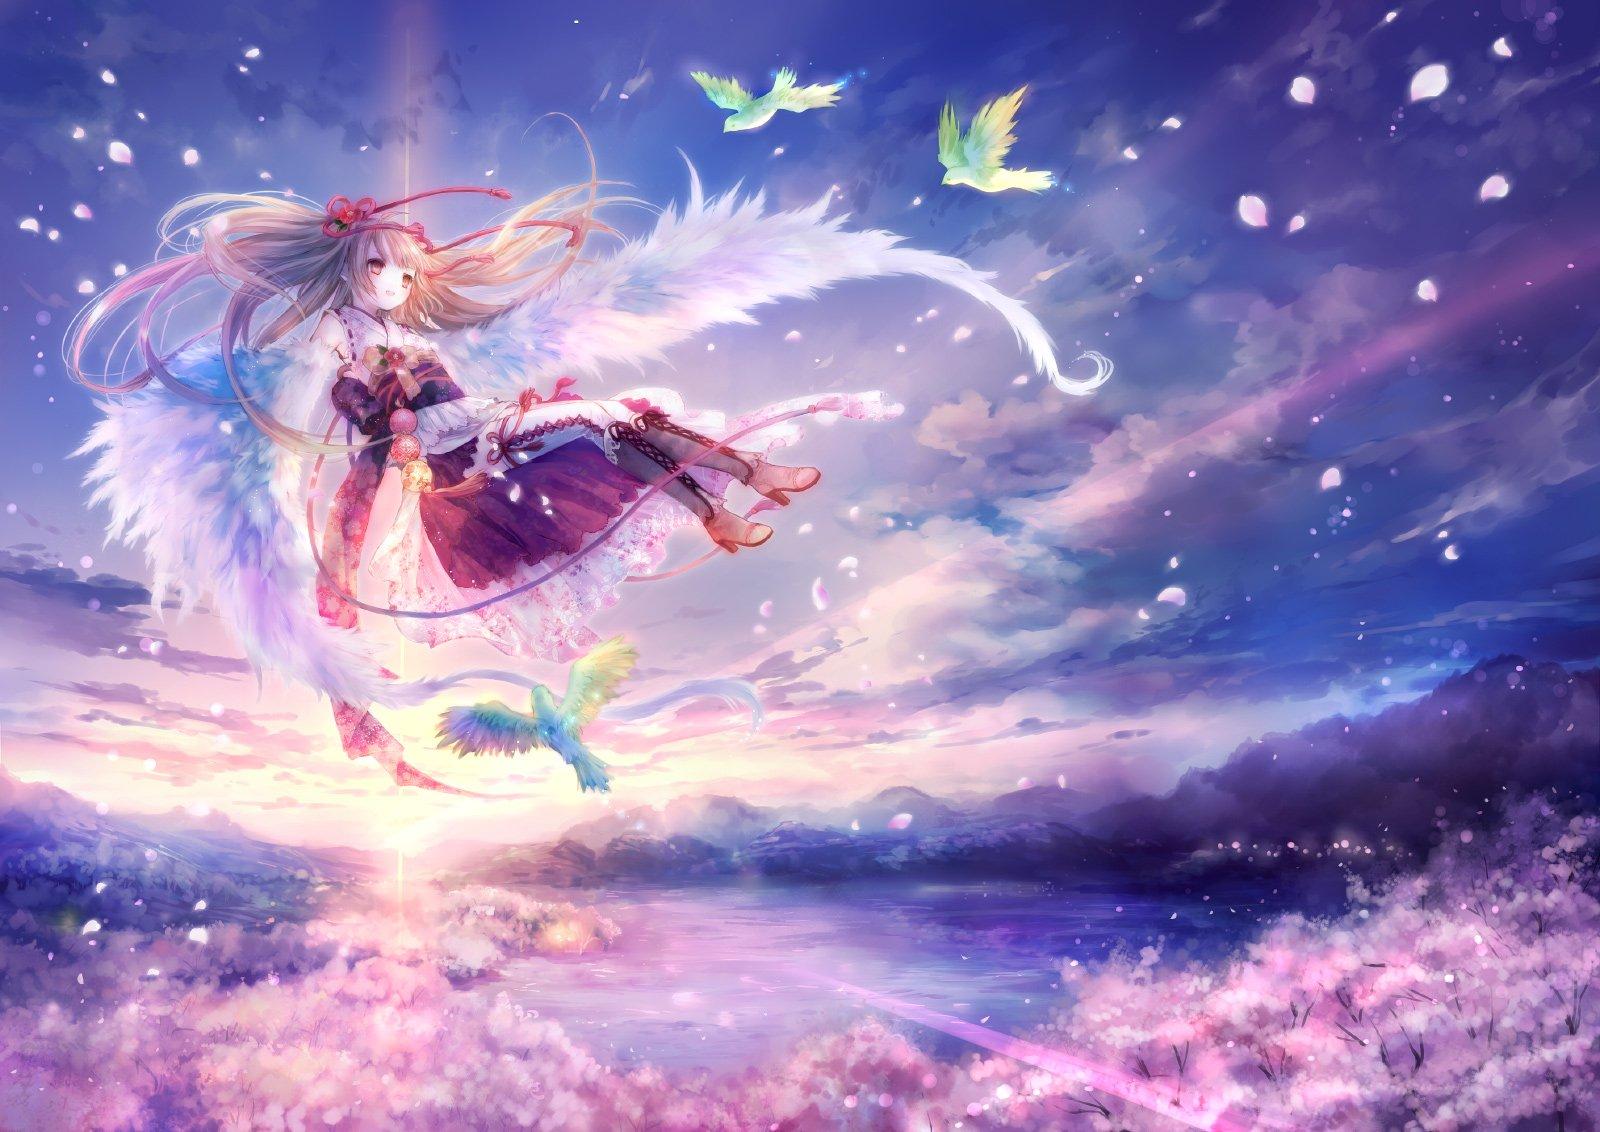 free wallpaper for desktop of angels   wwwwallpapers in hdcom 1600x1132